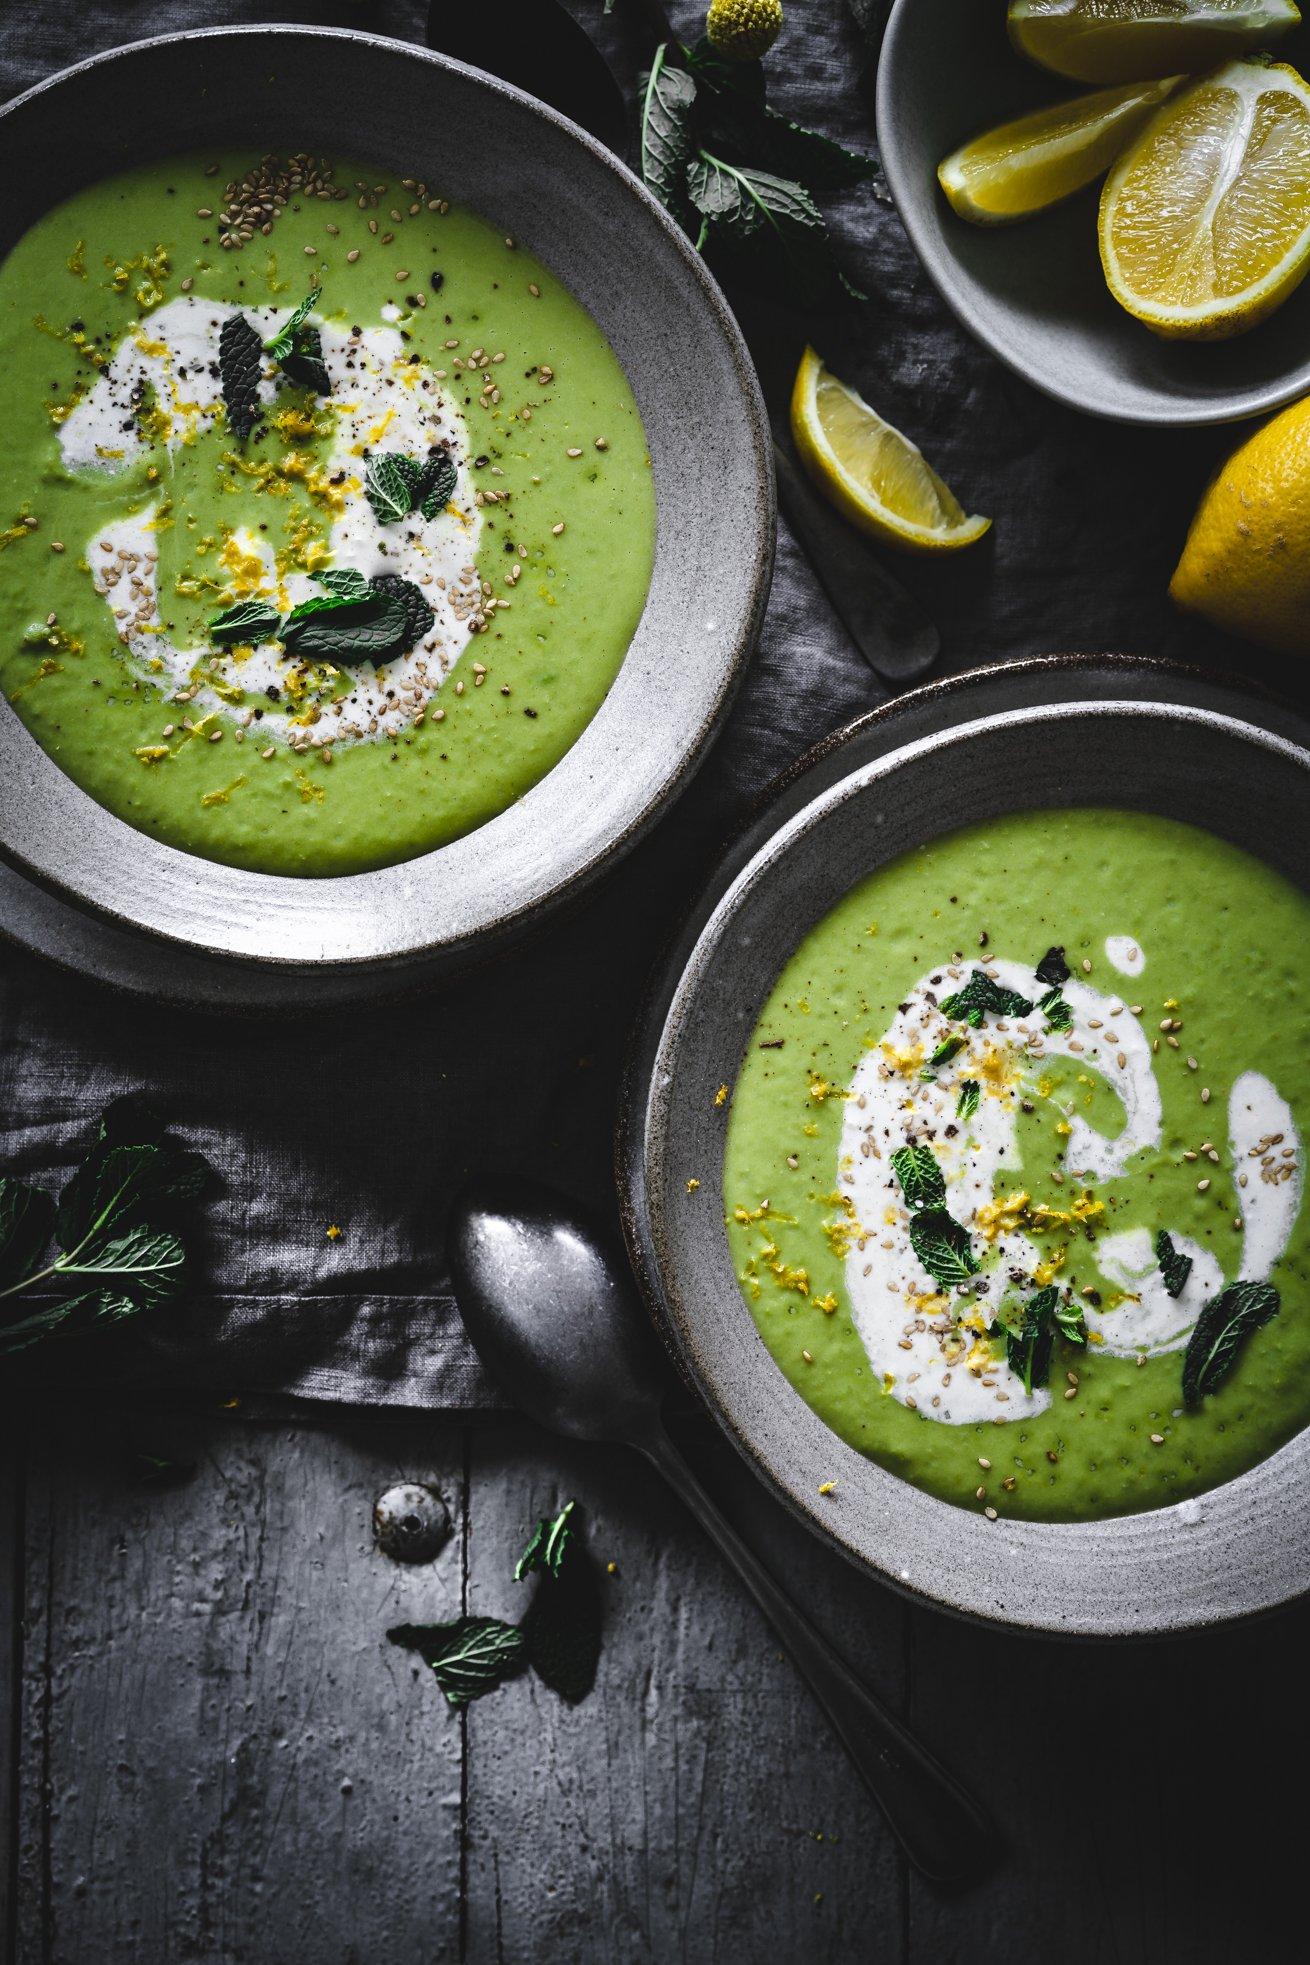 Zitronige Erbsen Suppe